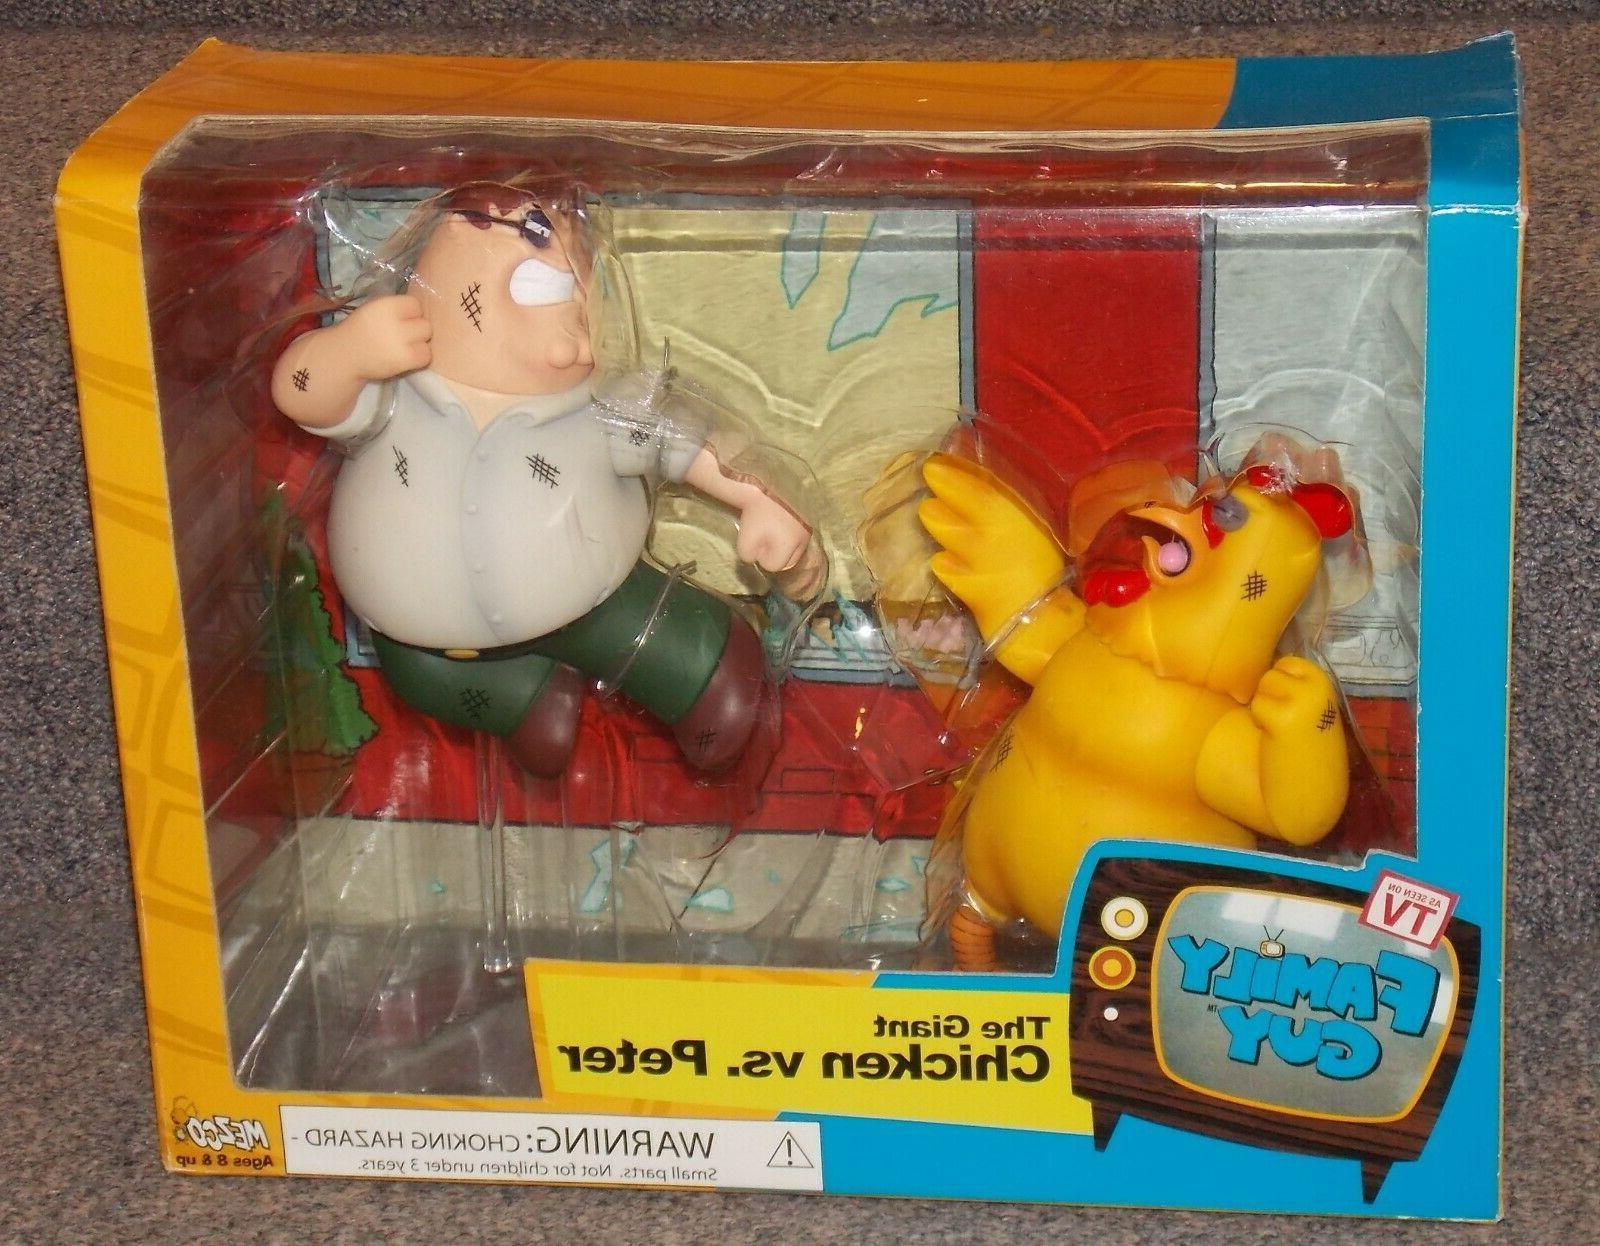 2005 family guy giant chicken vs peter